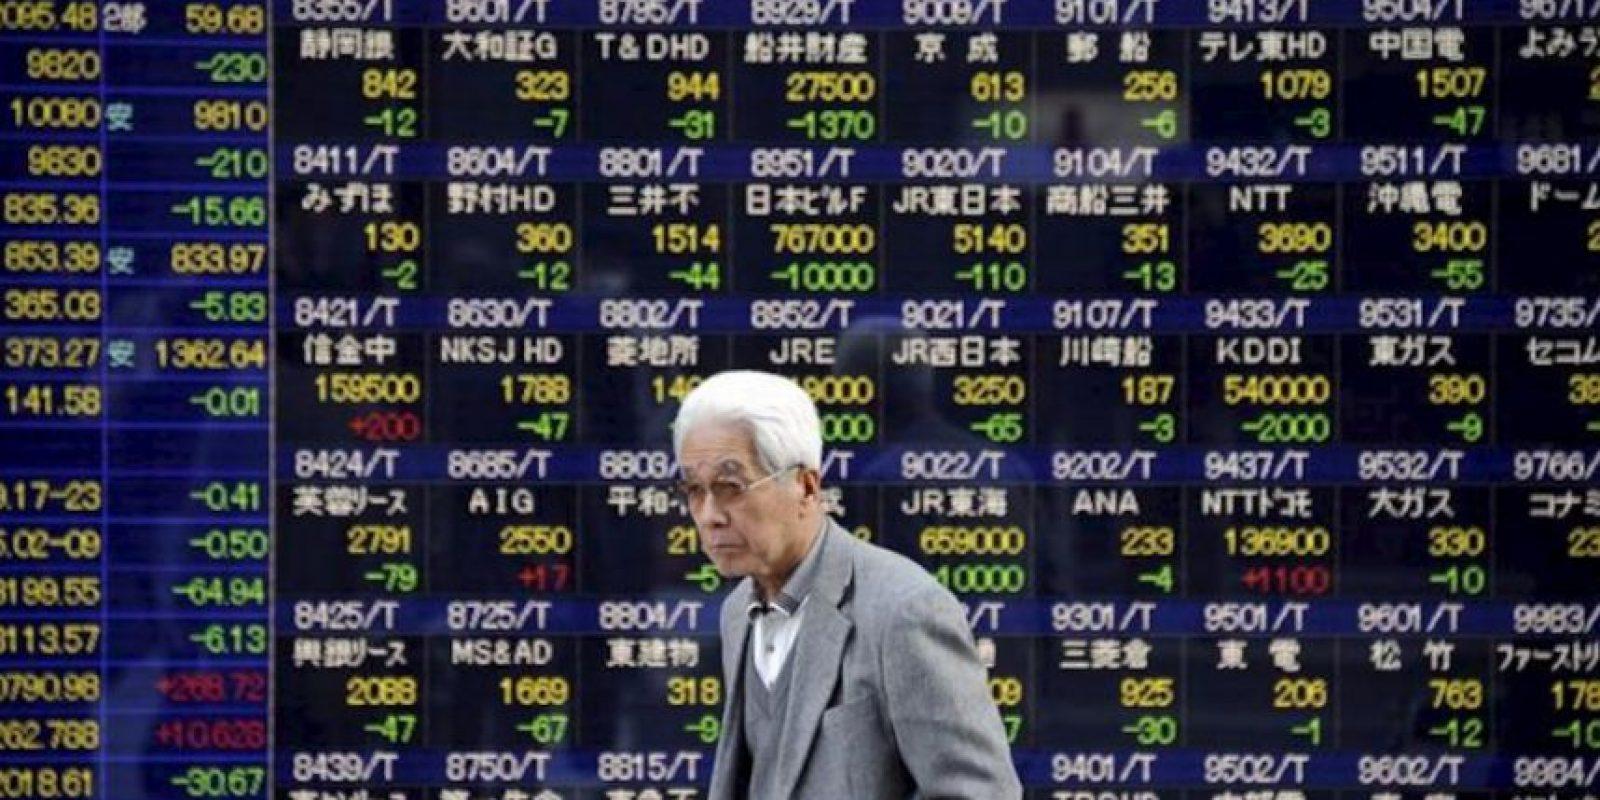 Un hombre camina frente a un tablero electrónico que indica los resultados de la Bolsa de Tokio (Japón), donde el índice Nikkei cerró hoy con una caída de 230,40 puntos, el 2,29 por ciento, y quedó en 9.819,99 unidades. EFE